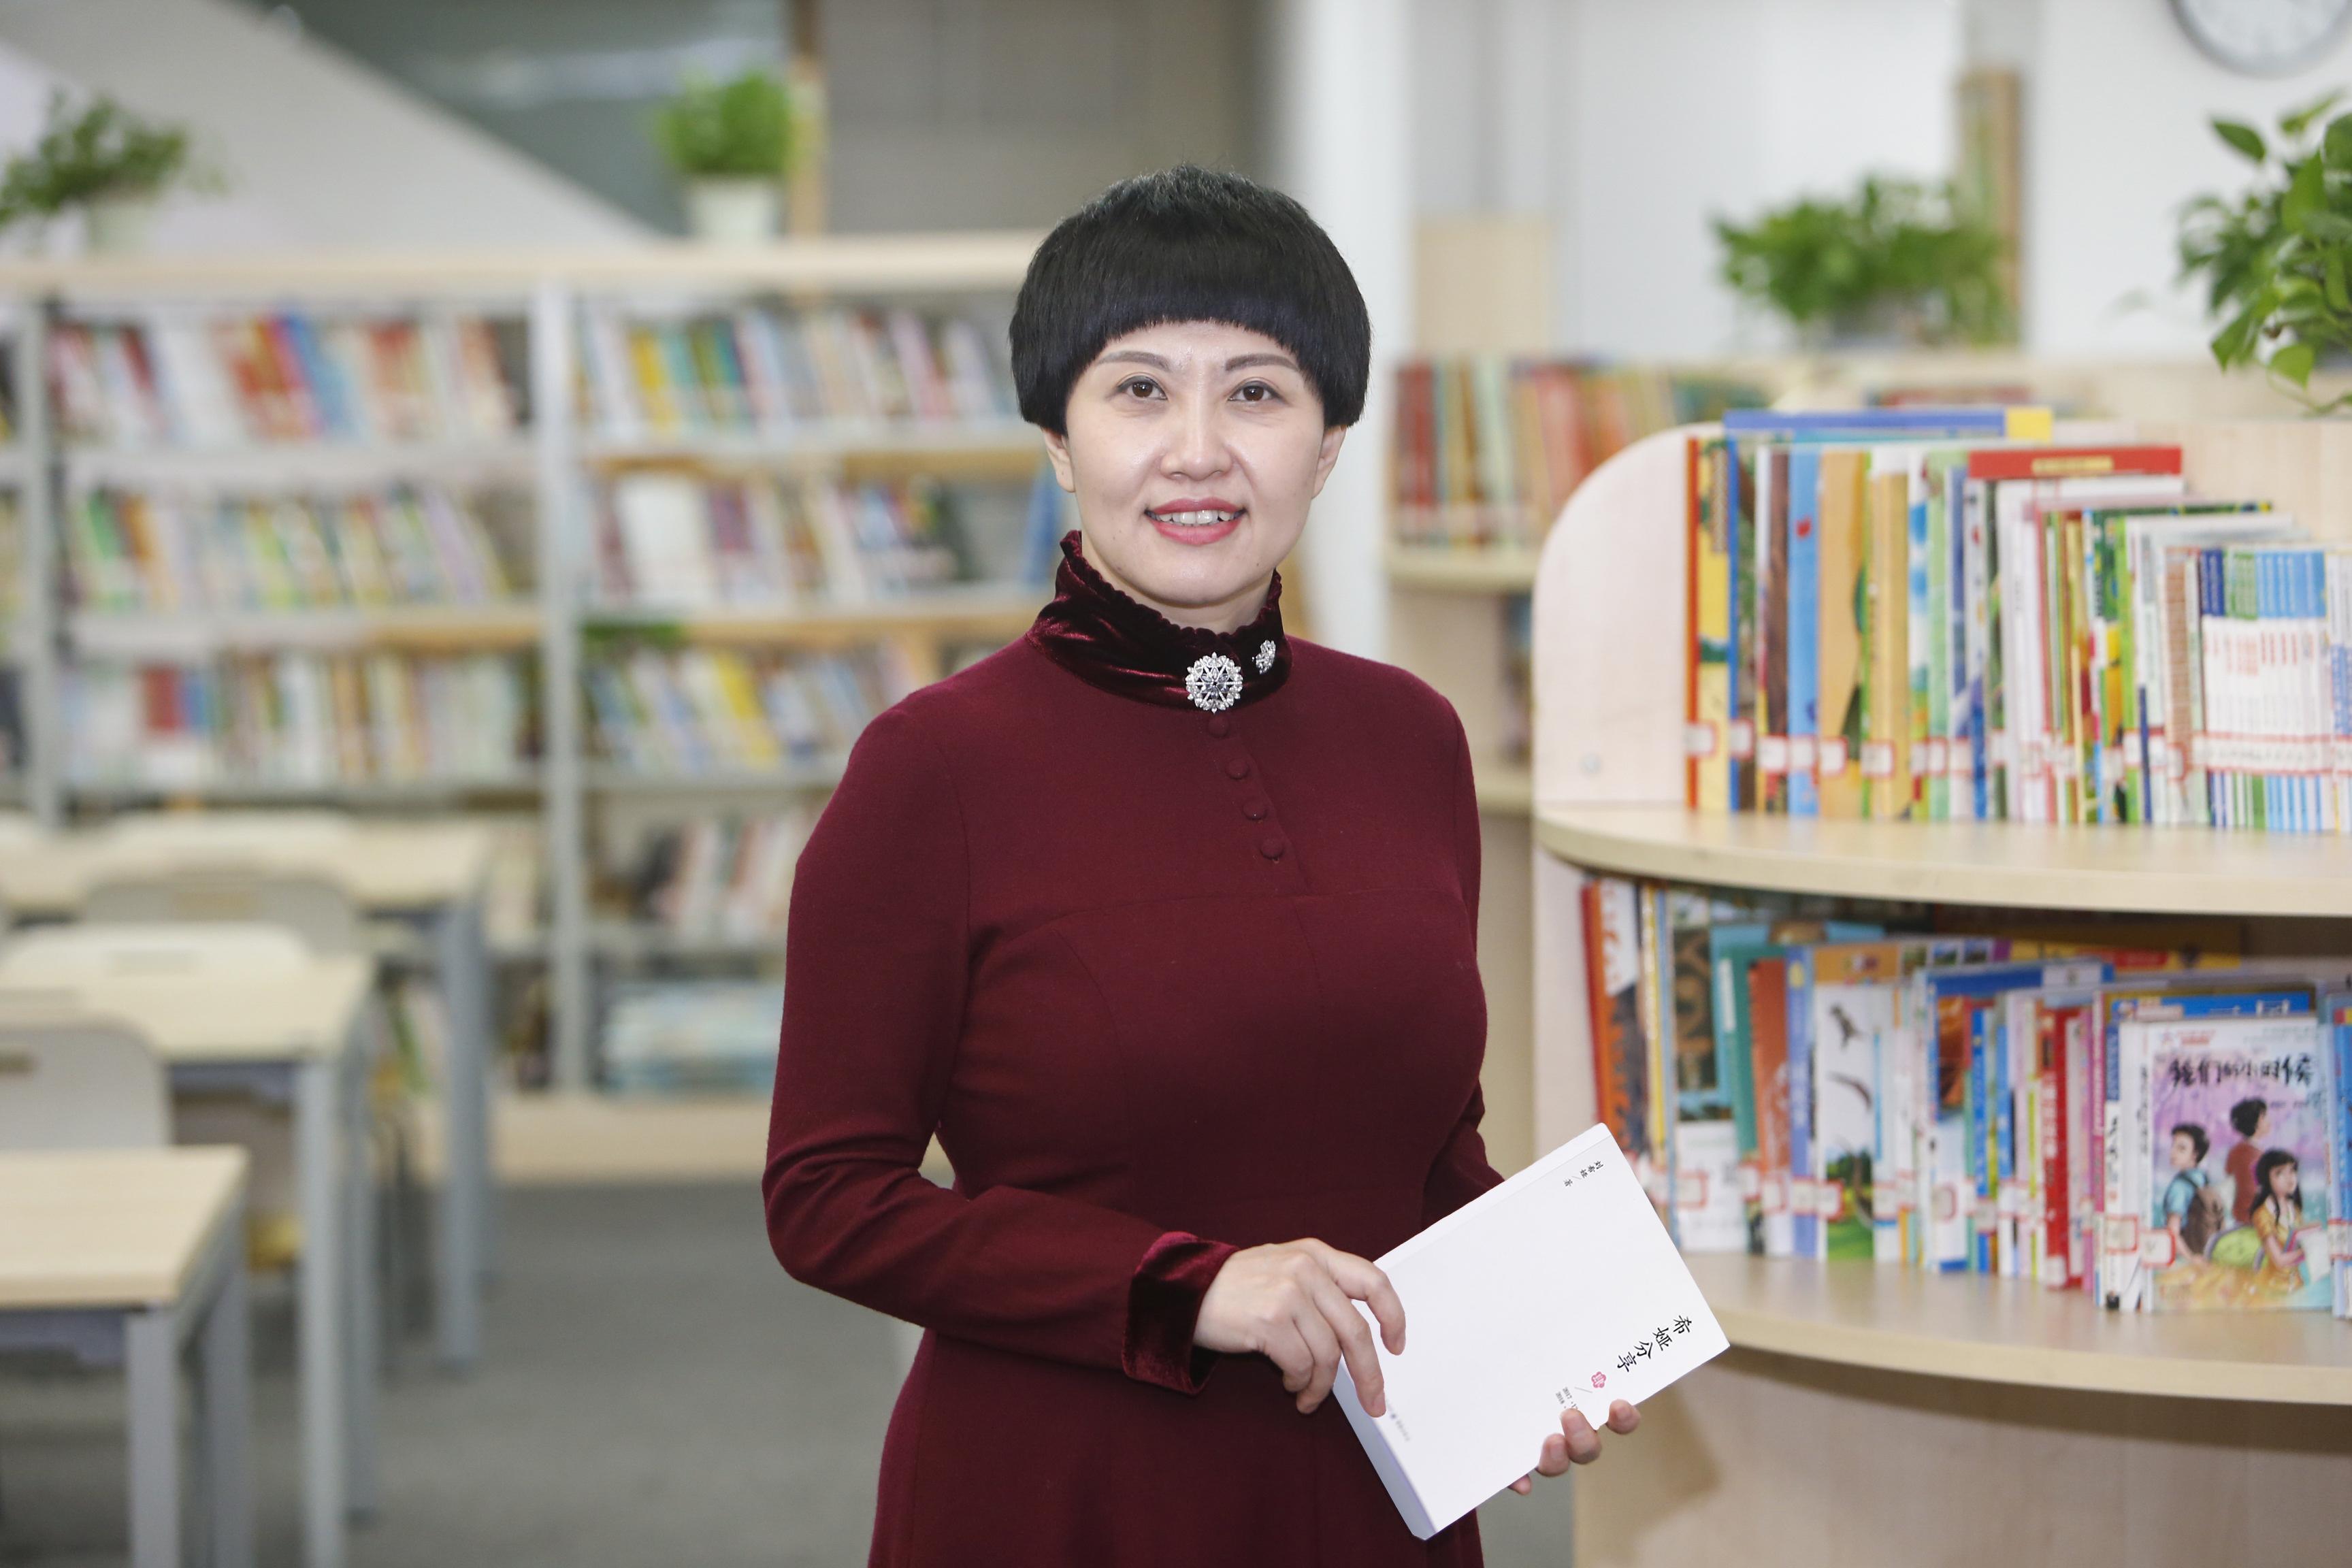 全国人大代表、重庆市谢家湾小学校长刘希娅。? 受访者提供?